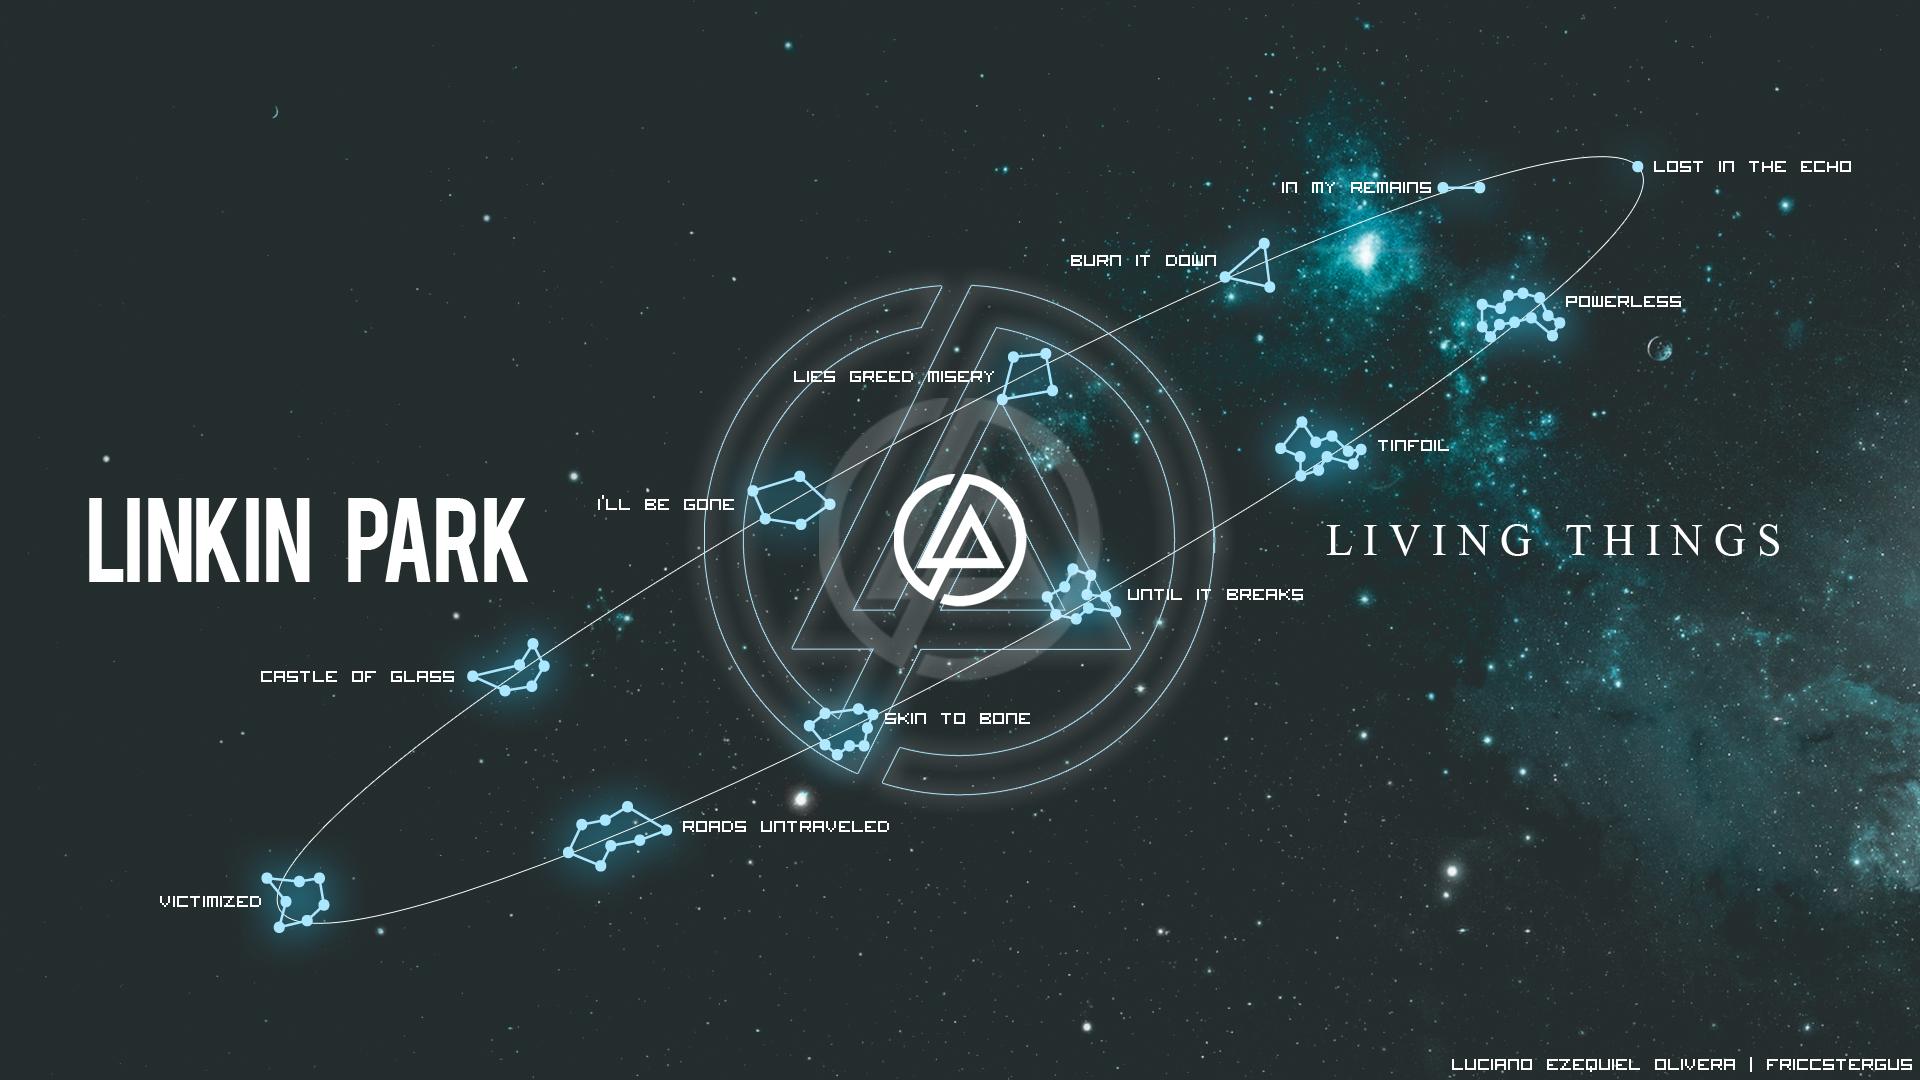 リンキンパーク星座